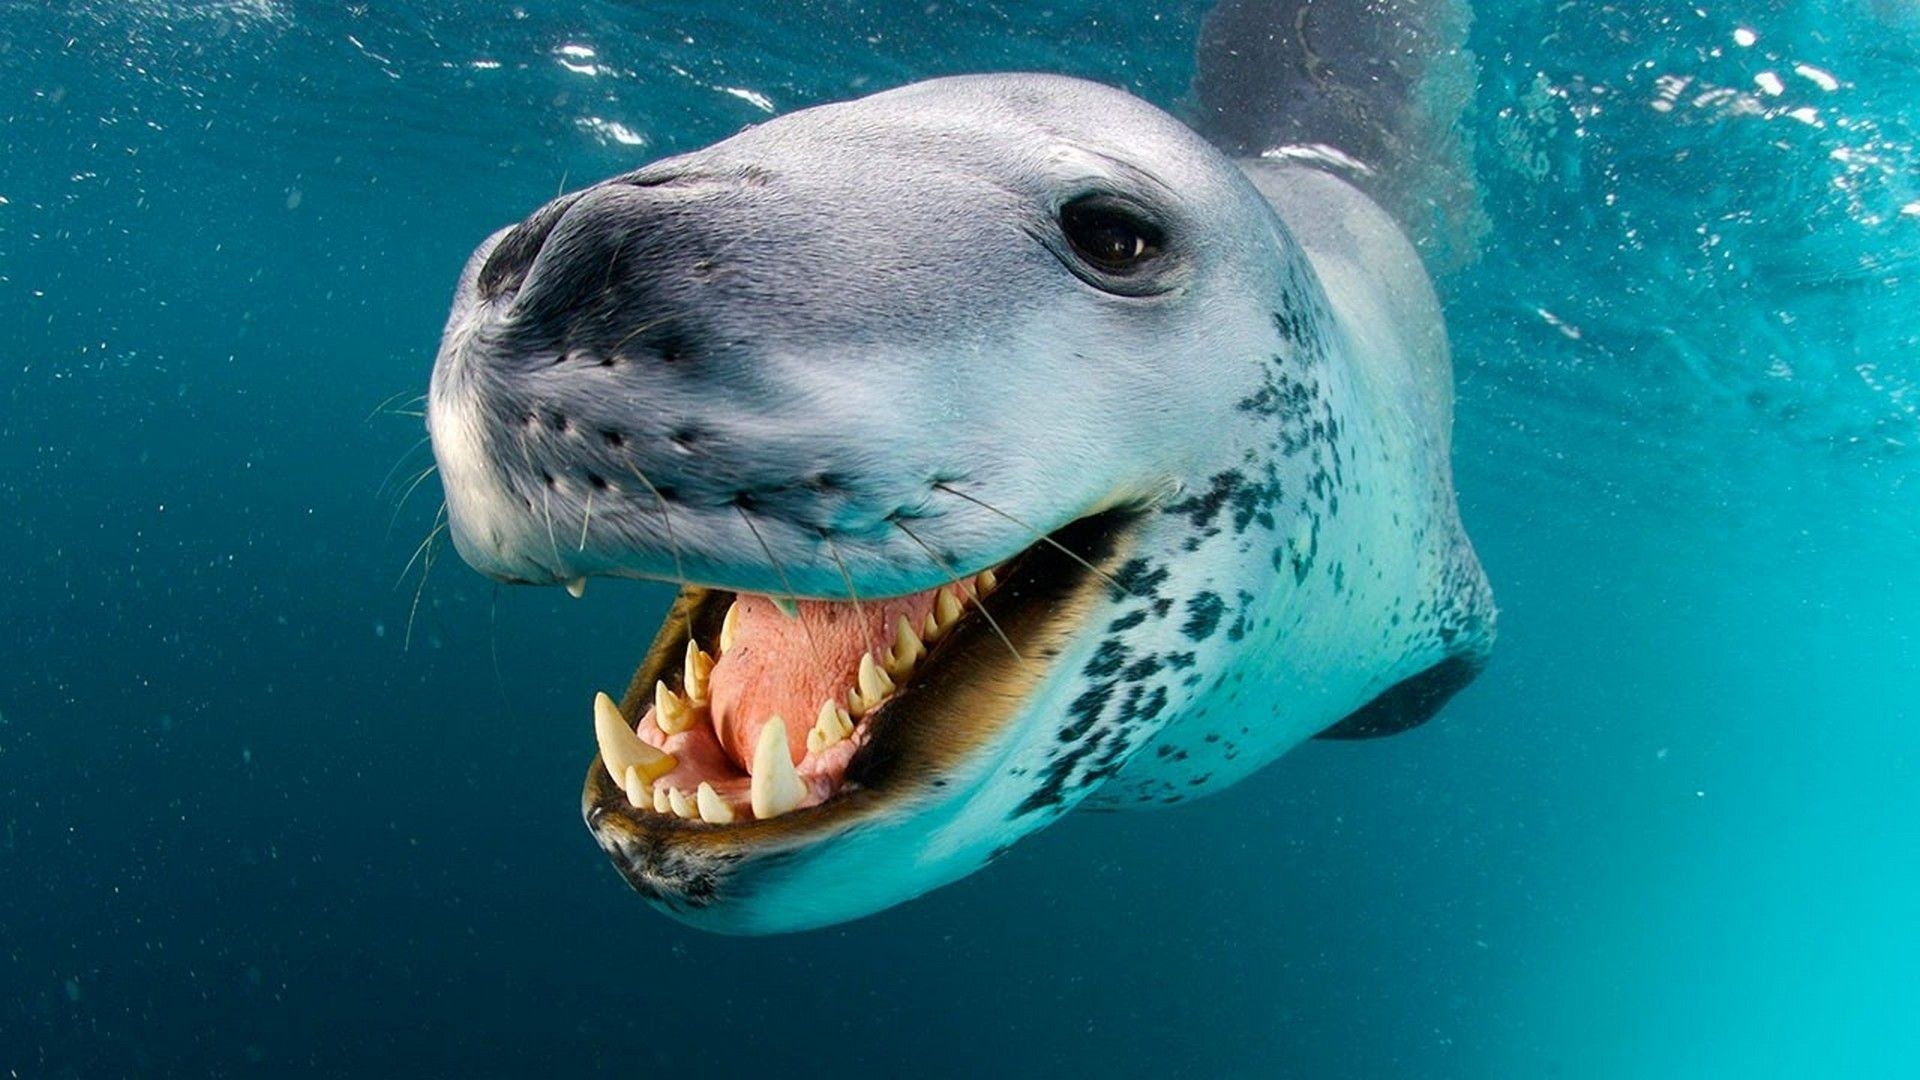 Pin on Sea leopard wallpaper